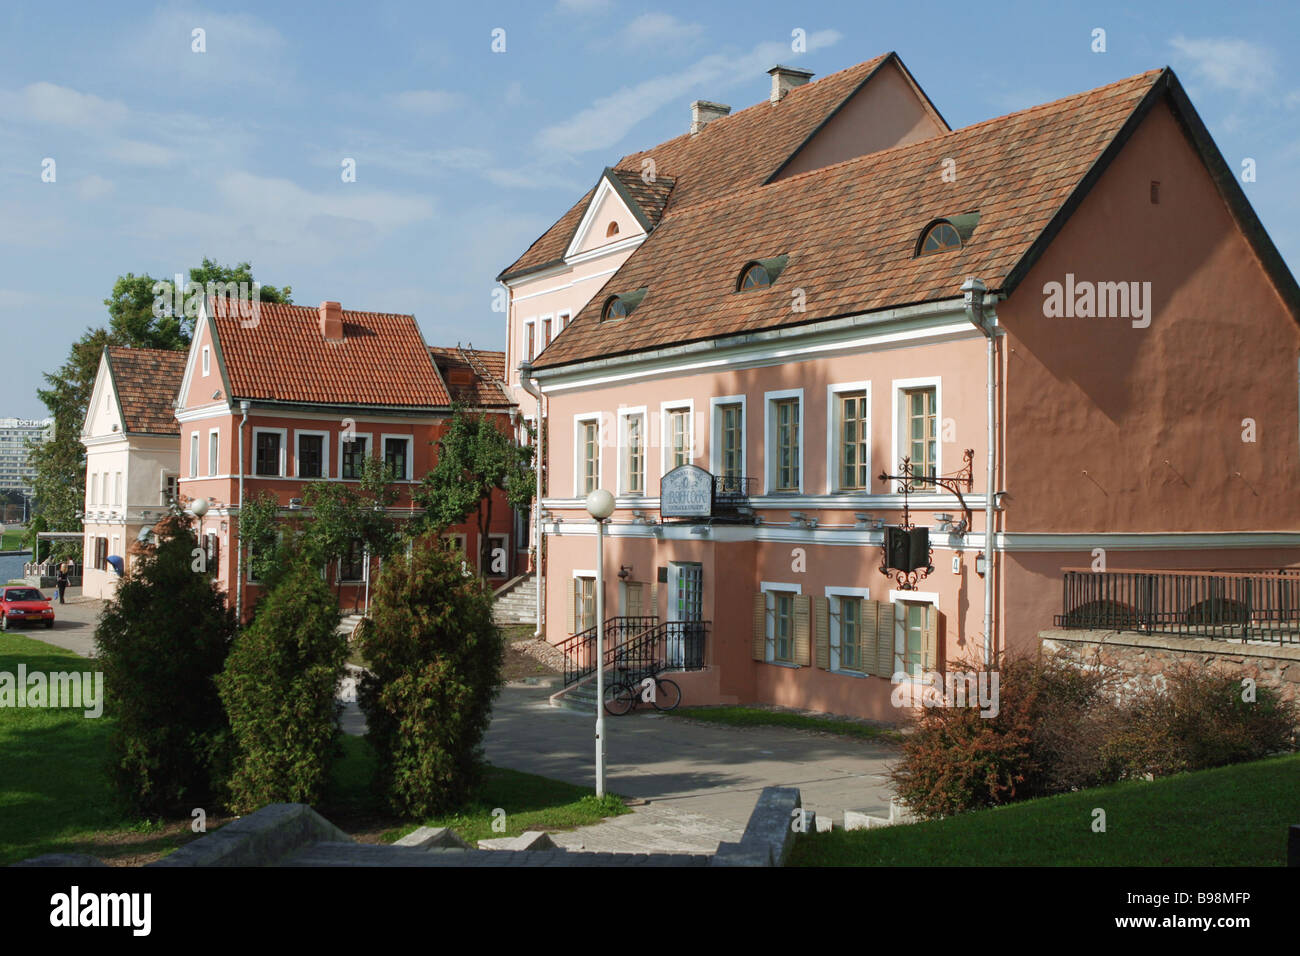 The Troitskoe suburb of Minsk - Stock Image